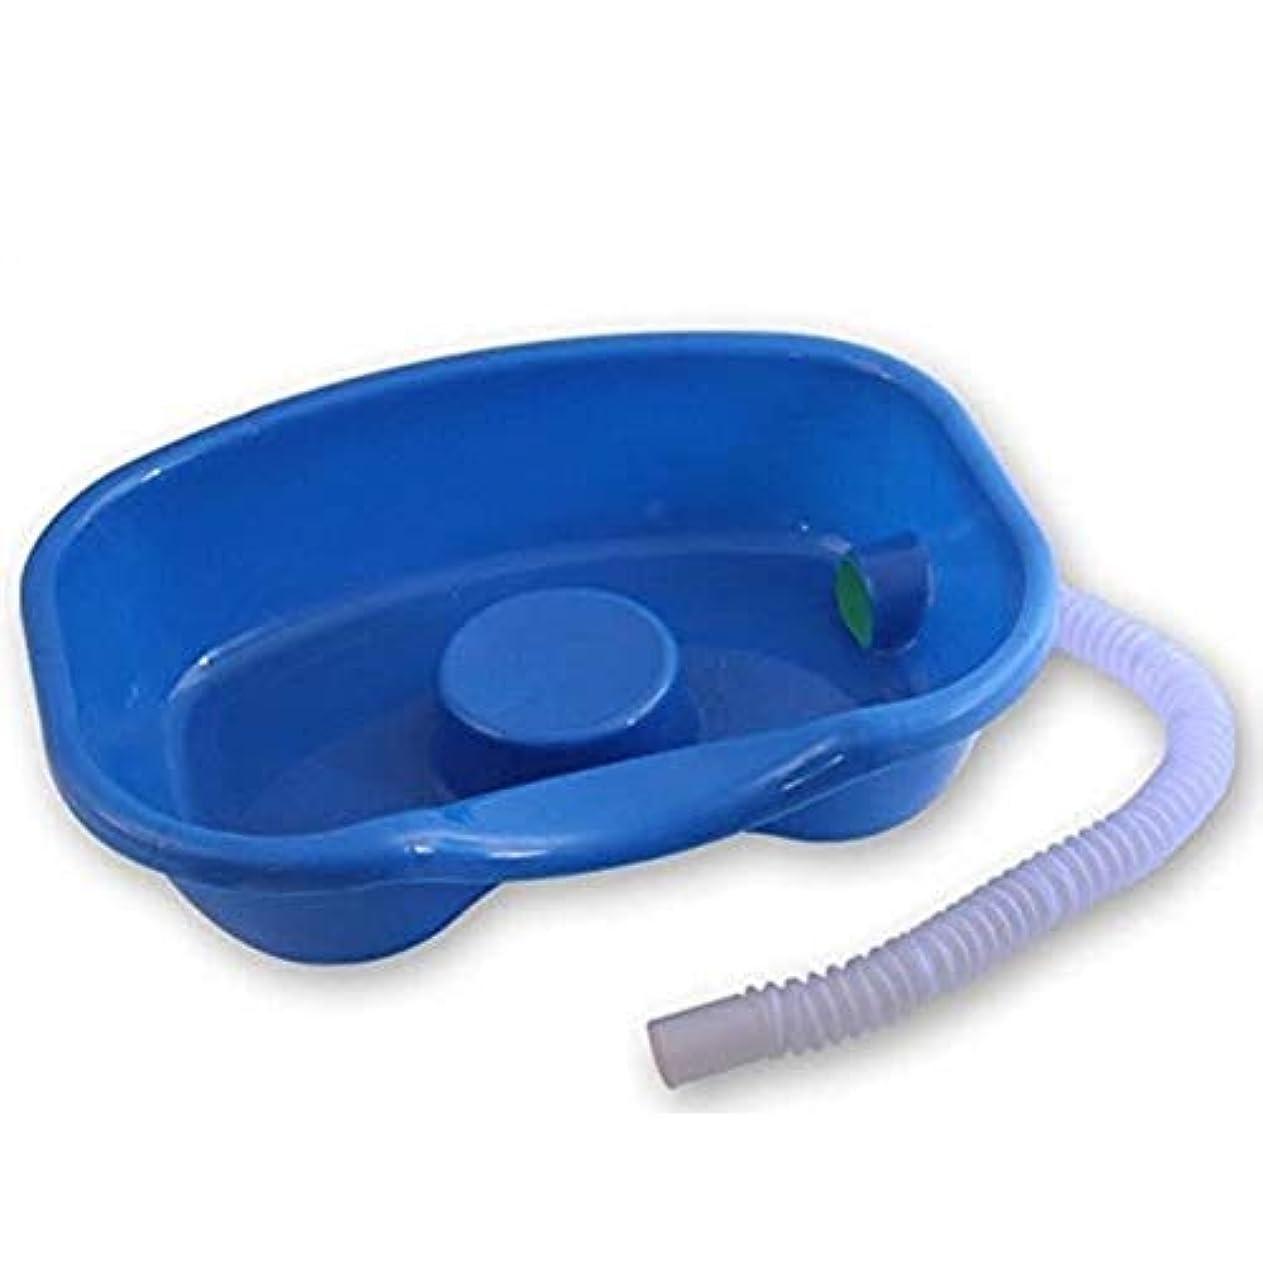 霧メロン焦がすベッドシャンプー盆地-障害者、妊娠中、および高齢者の寝たきりのためのベッドでの洗髪用ポータブルヘアウォッシュトレイ